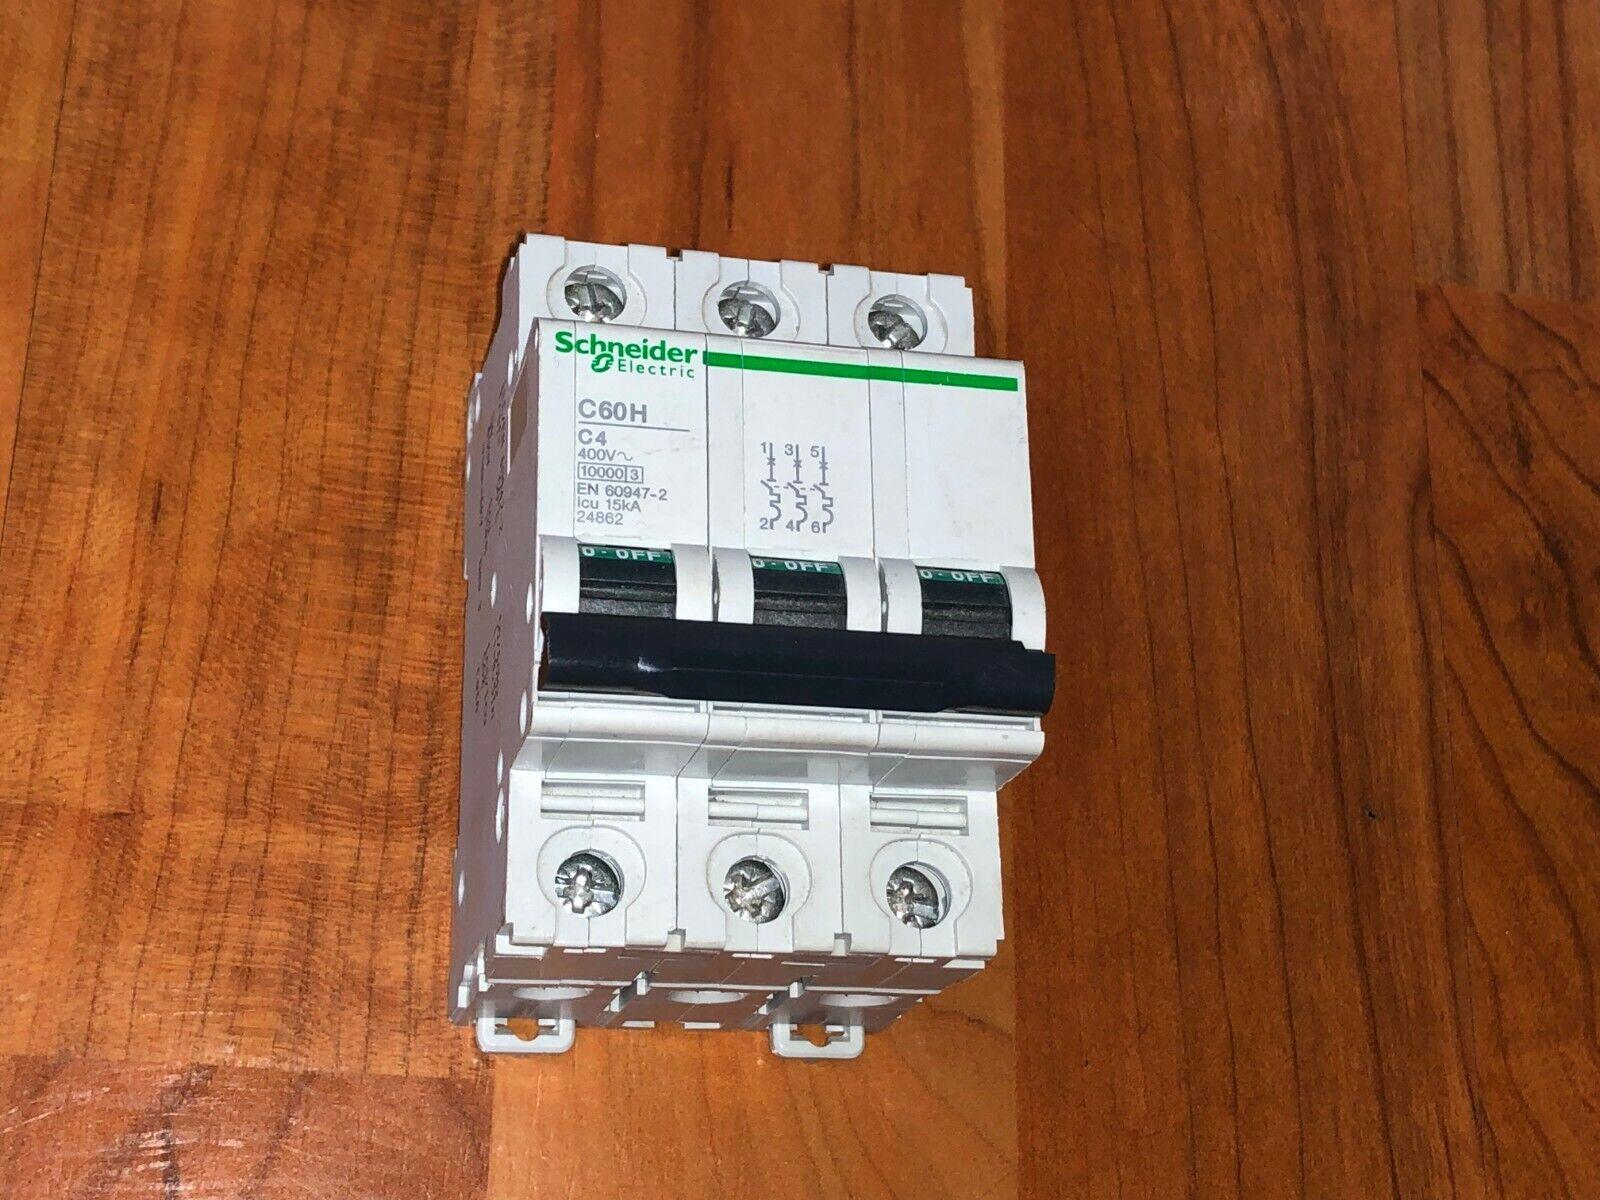 Disjoncteur Schneider C60H C4  4A  4  Amperes 15KA , 24599 TRIPHASE 3 poles 3P